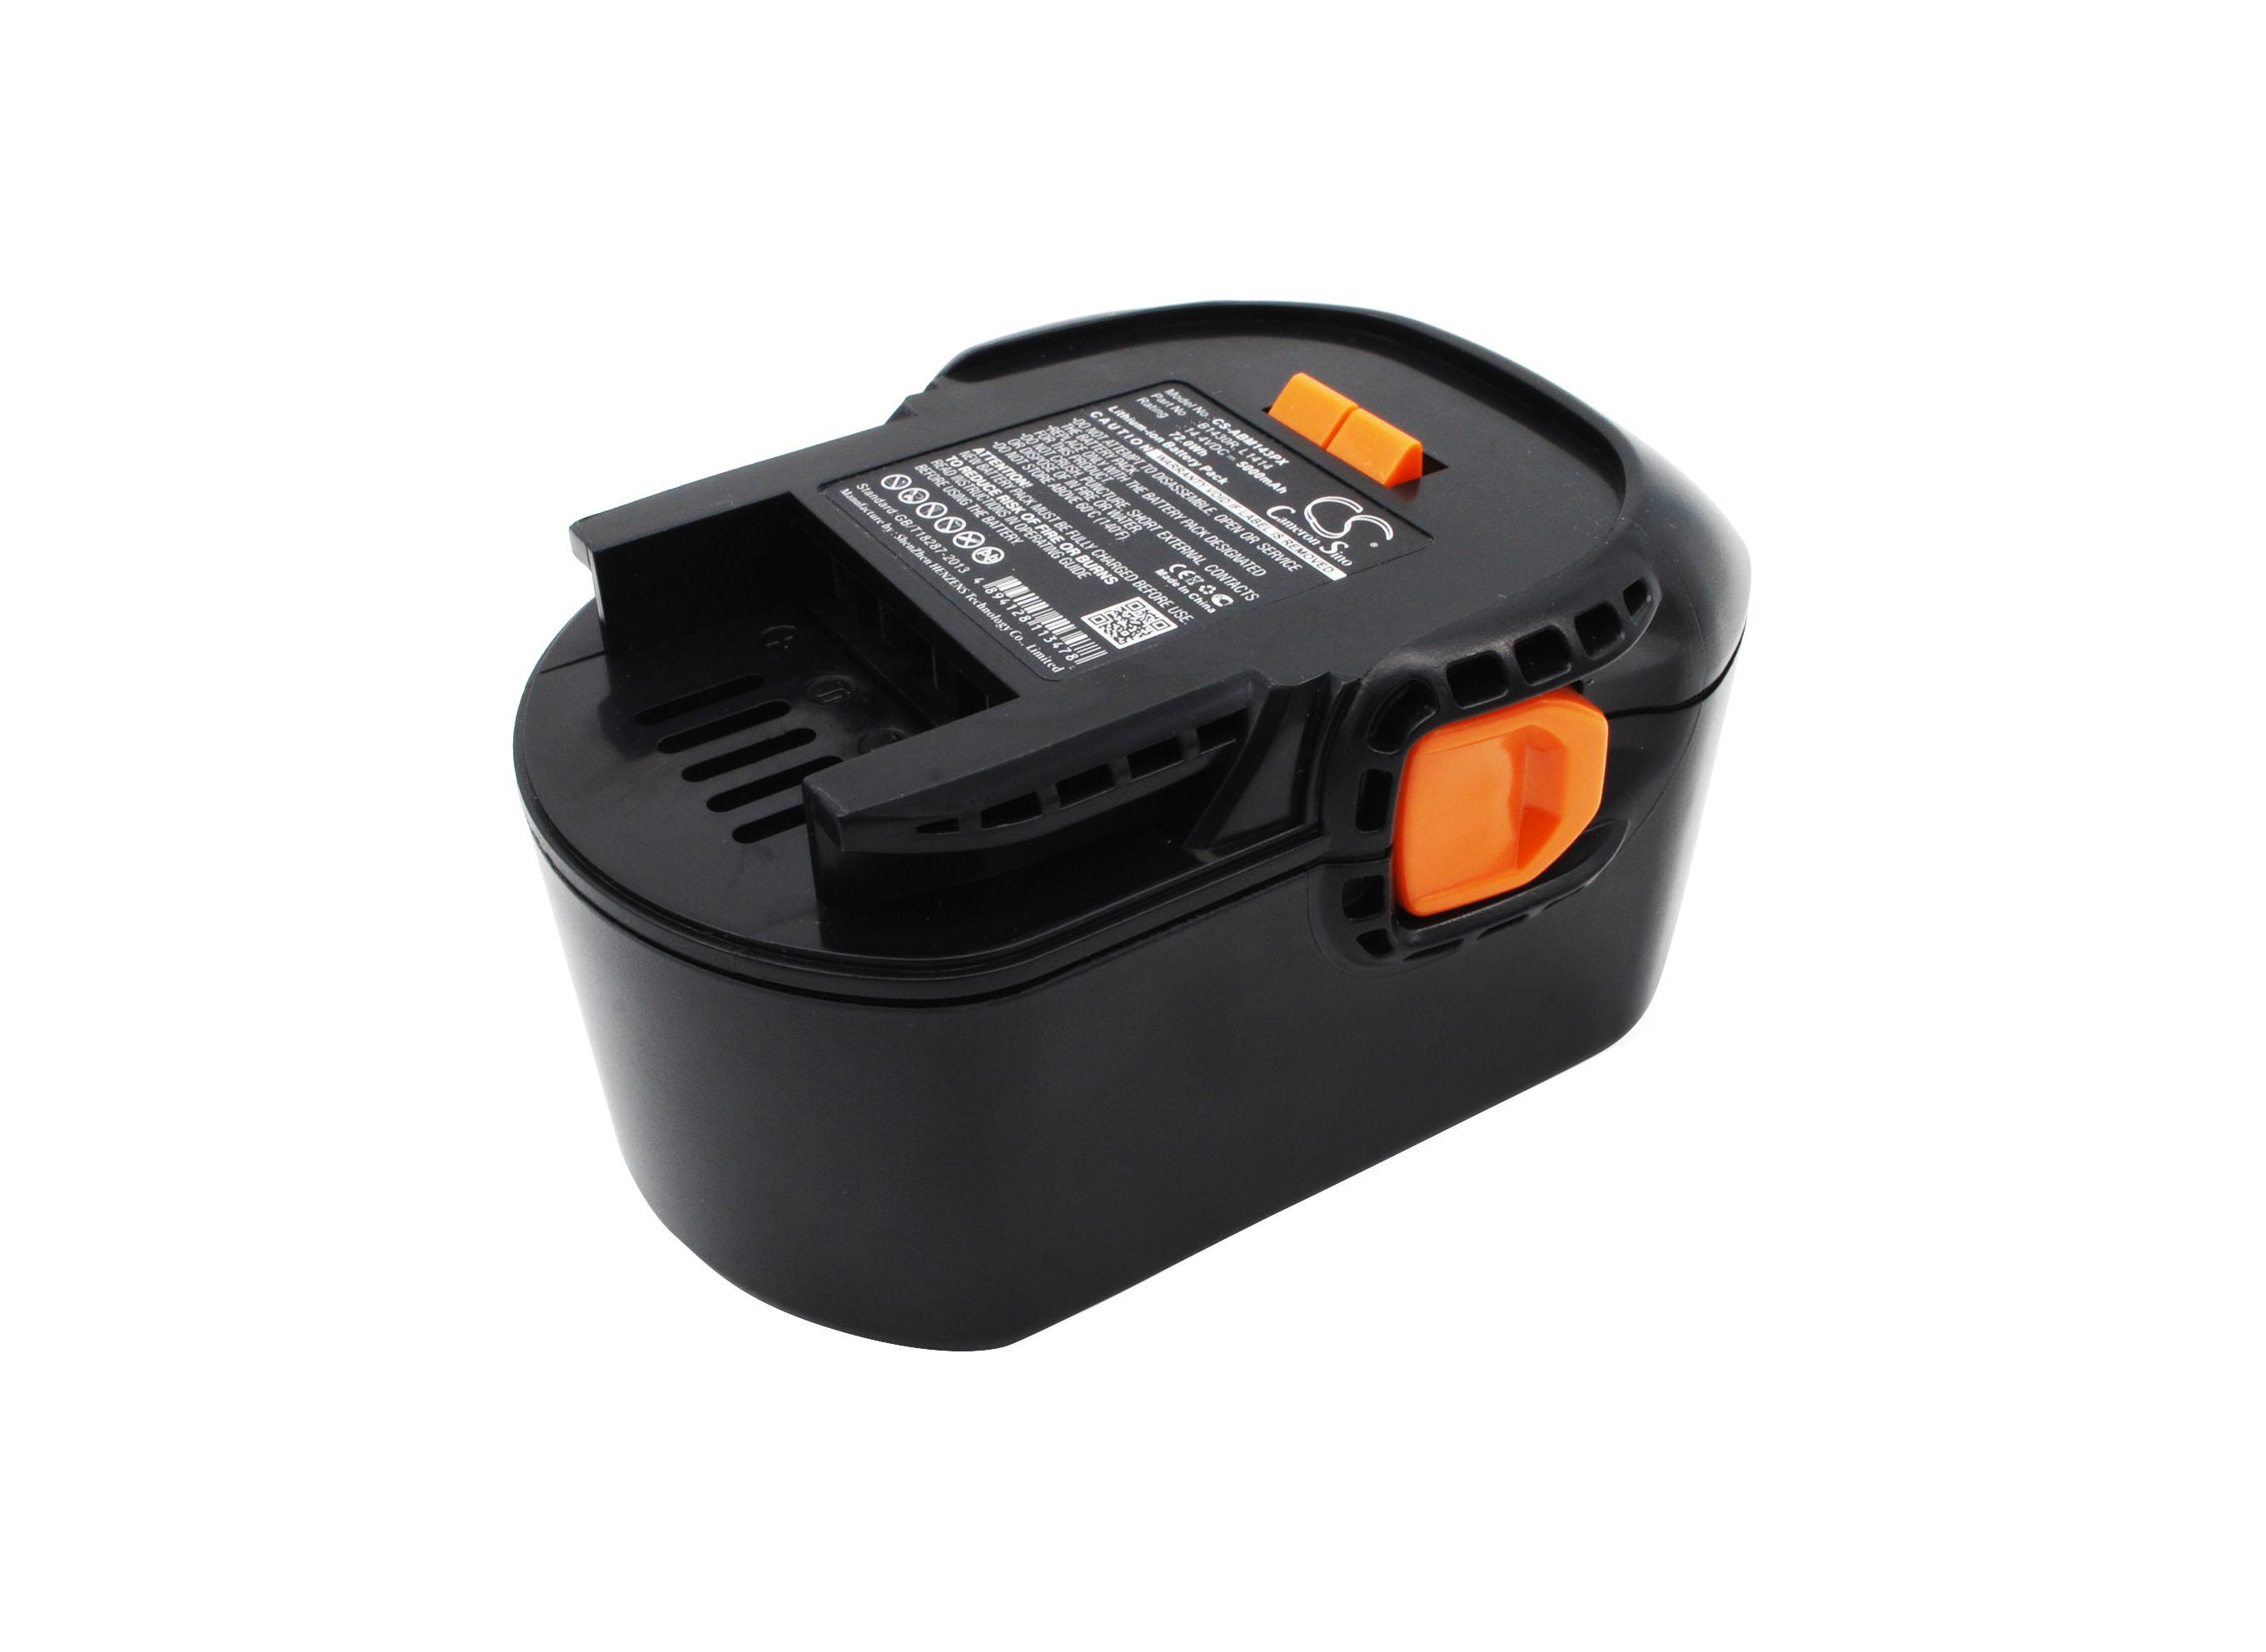 Cameron Sino baterie do nářadí pro AEG BBM 14 STX-R 14.4V Li-ion 5000mAh černá - neoriginální